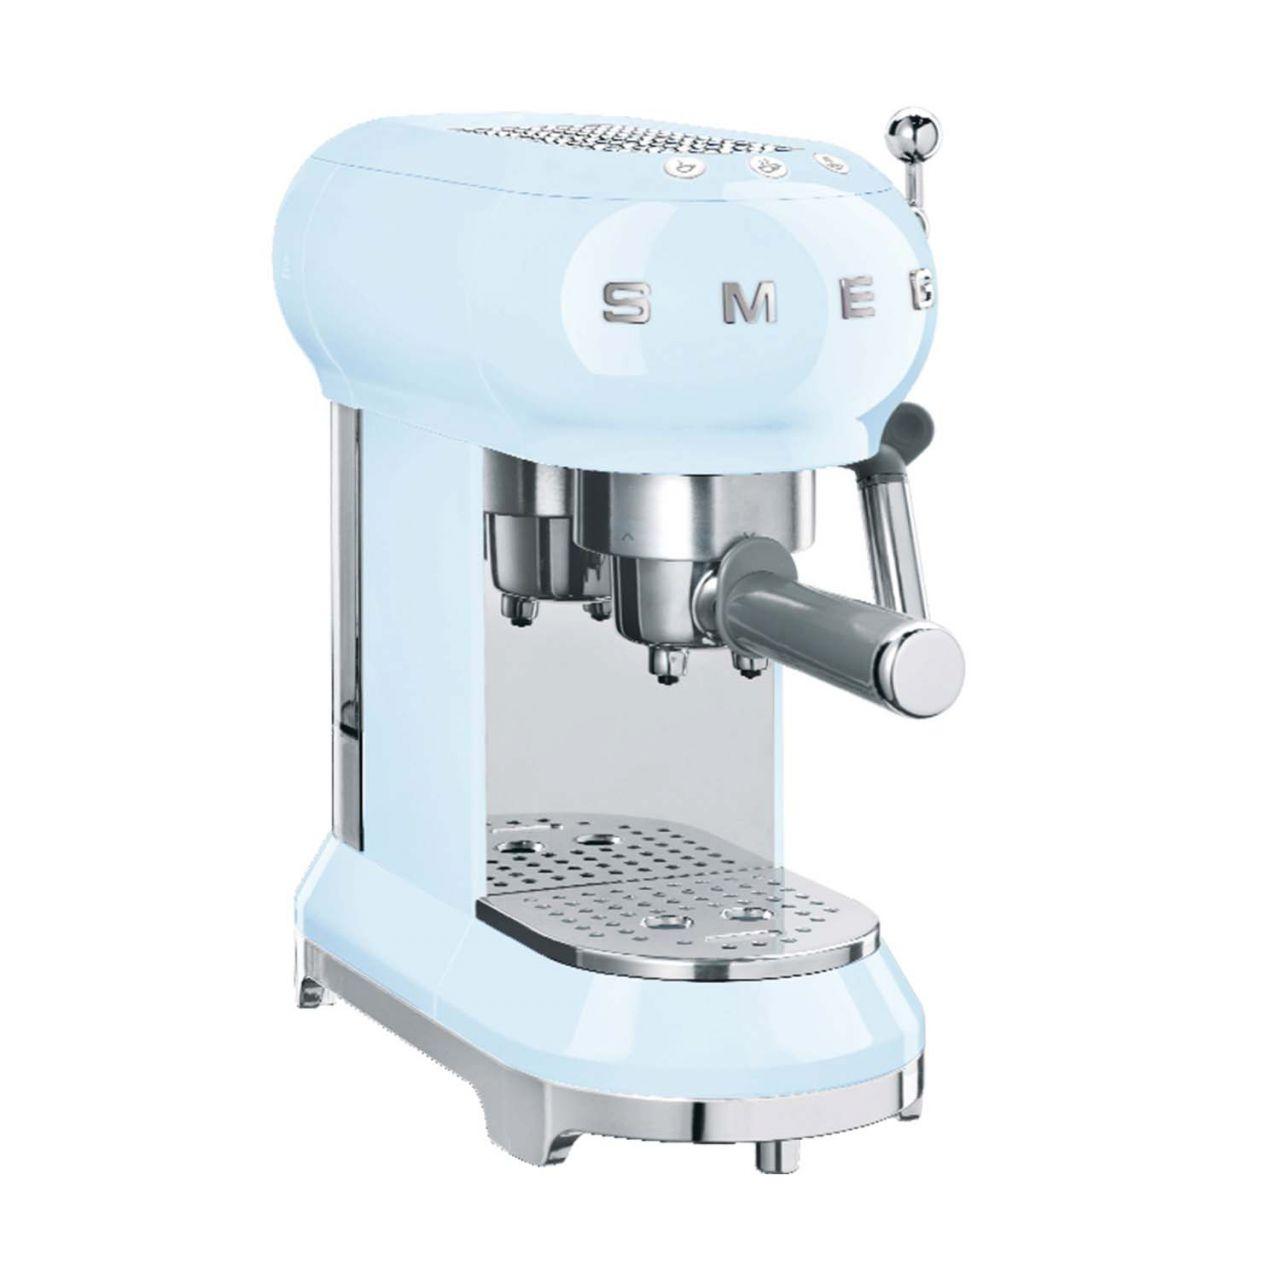 SMEG - Espressomaschine